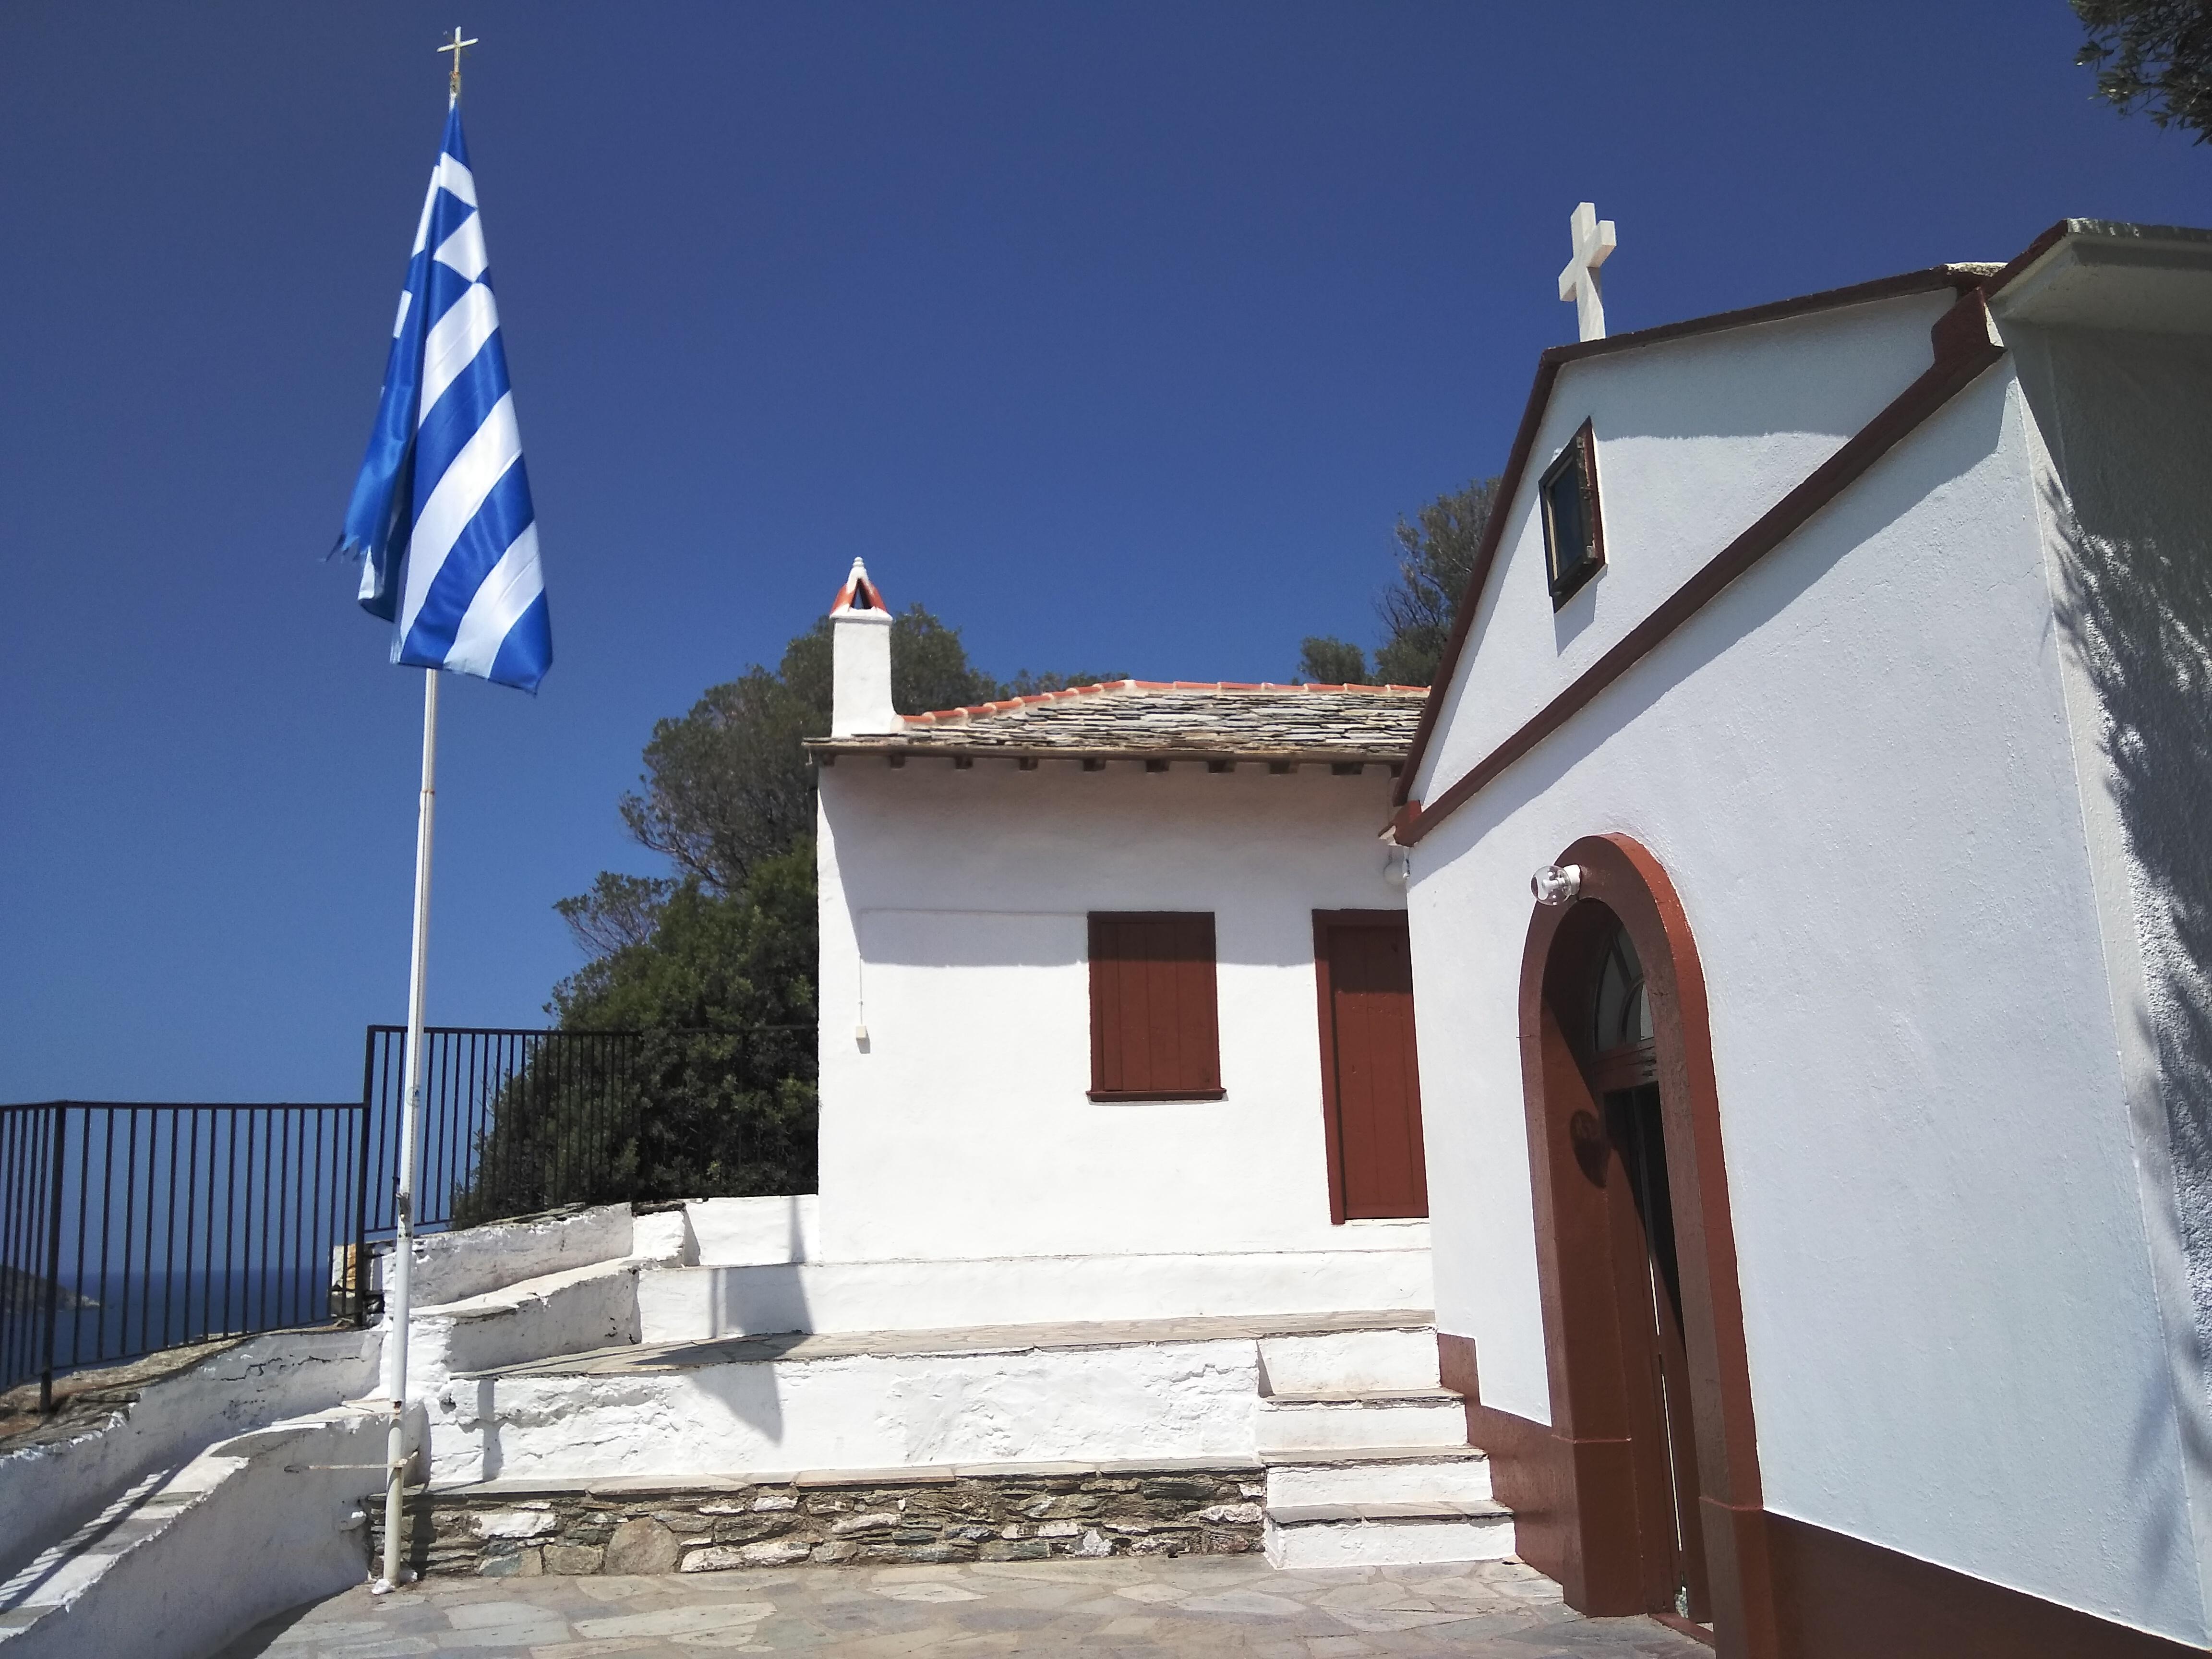 mamma mia ci risiamo film luoghi grecia scopelos viblix tv online streaming gratis